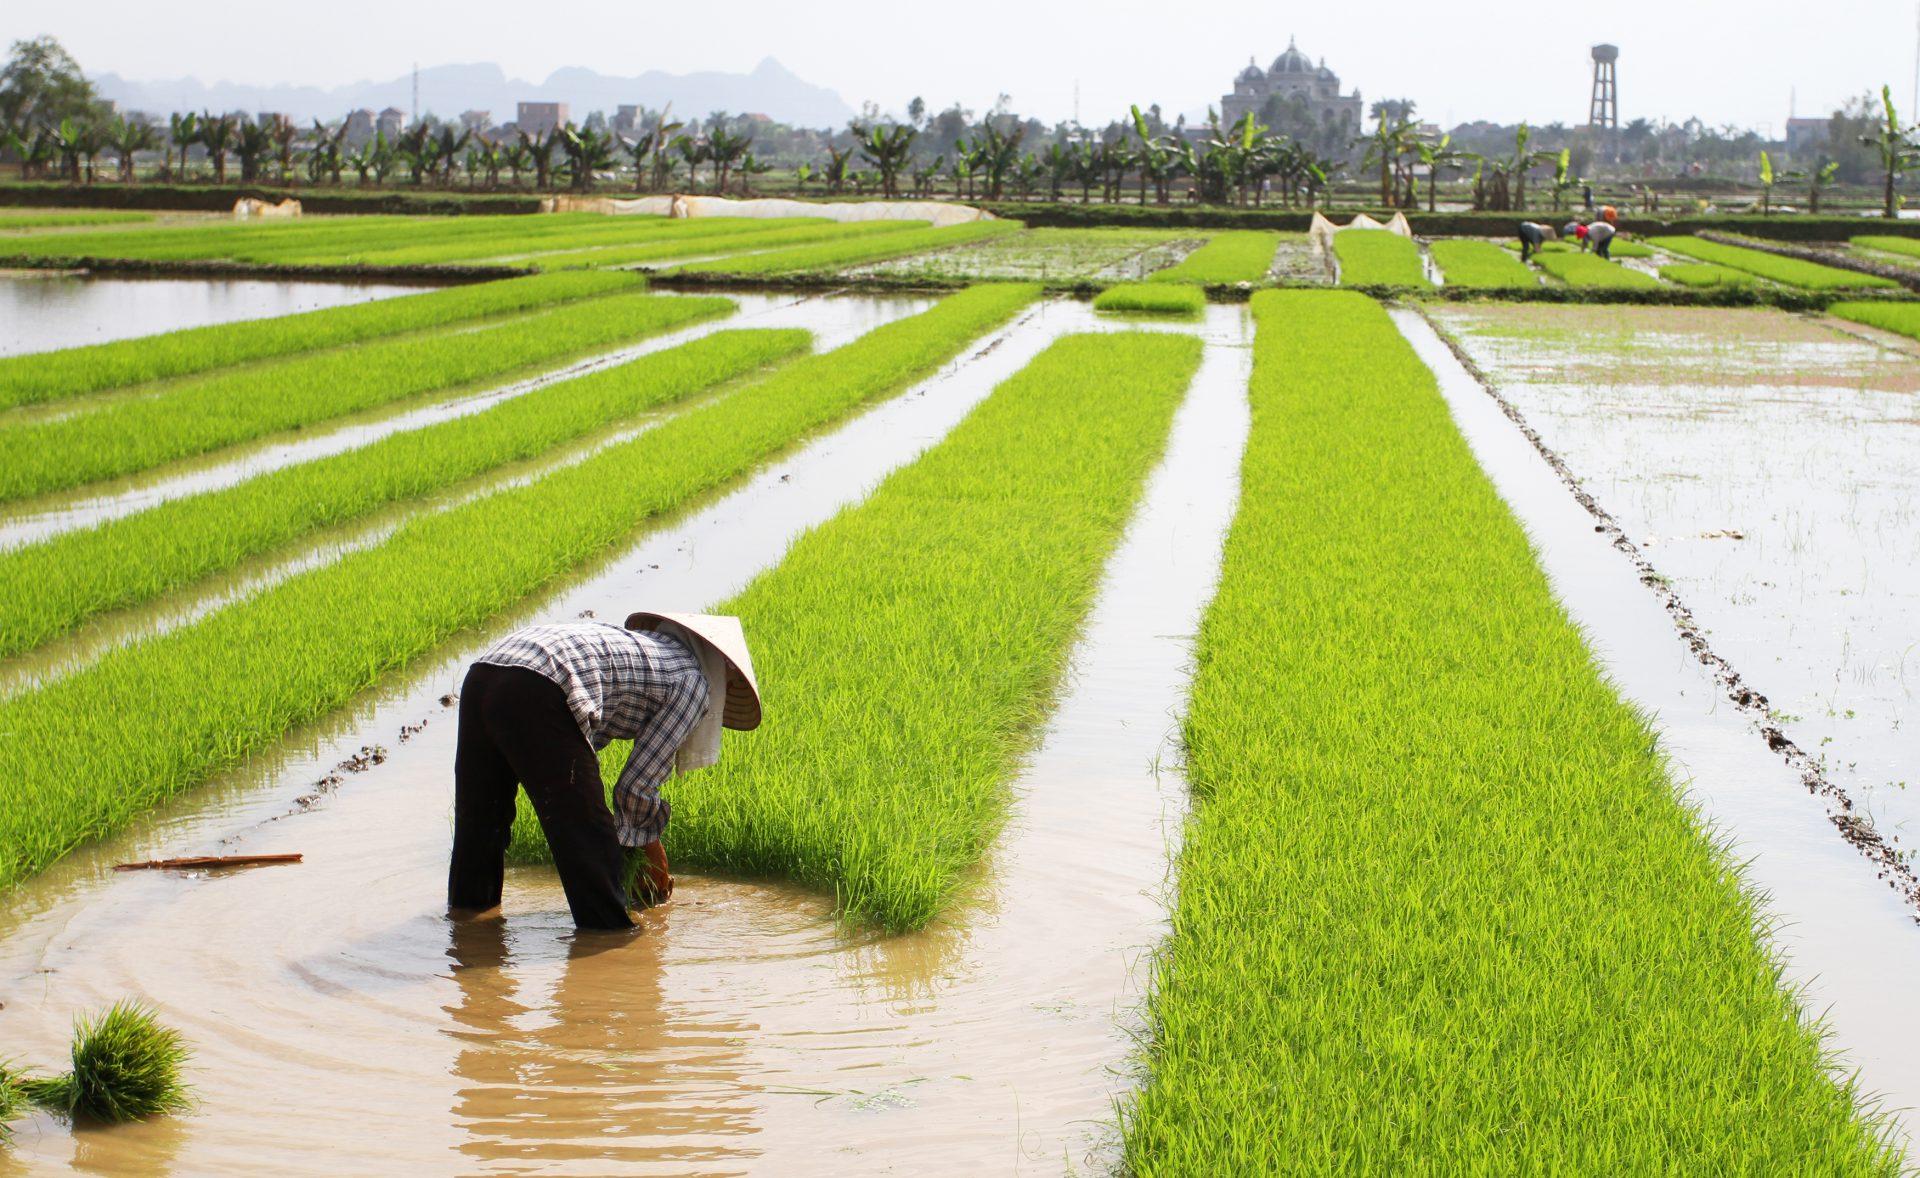 La Chine a lancé un plan quinquennal pour rendre à nouveau utilisables 90% des terres agricoles polluées d'ici 2030. (Source : Asialink Business)